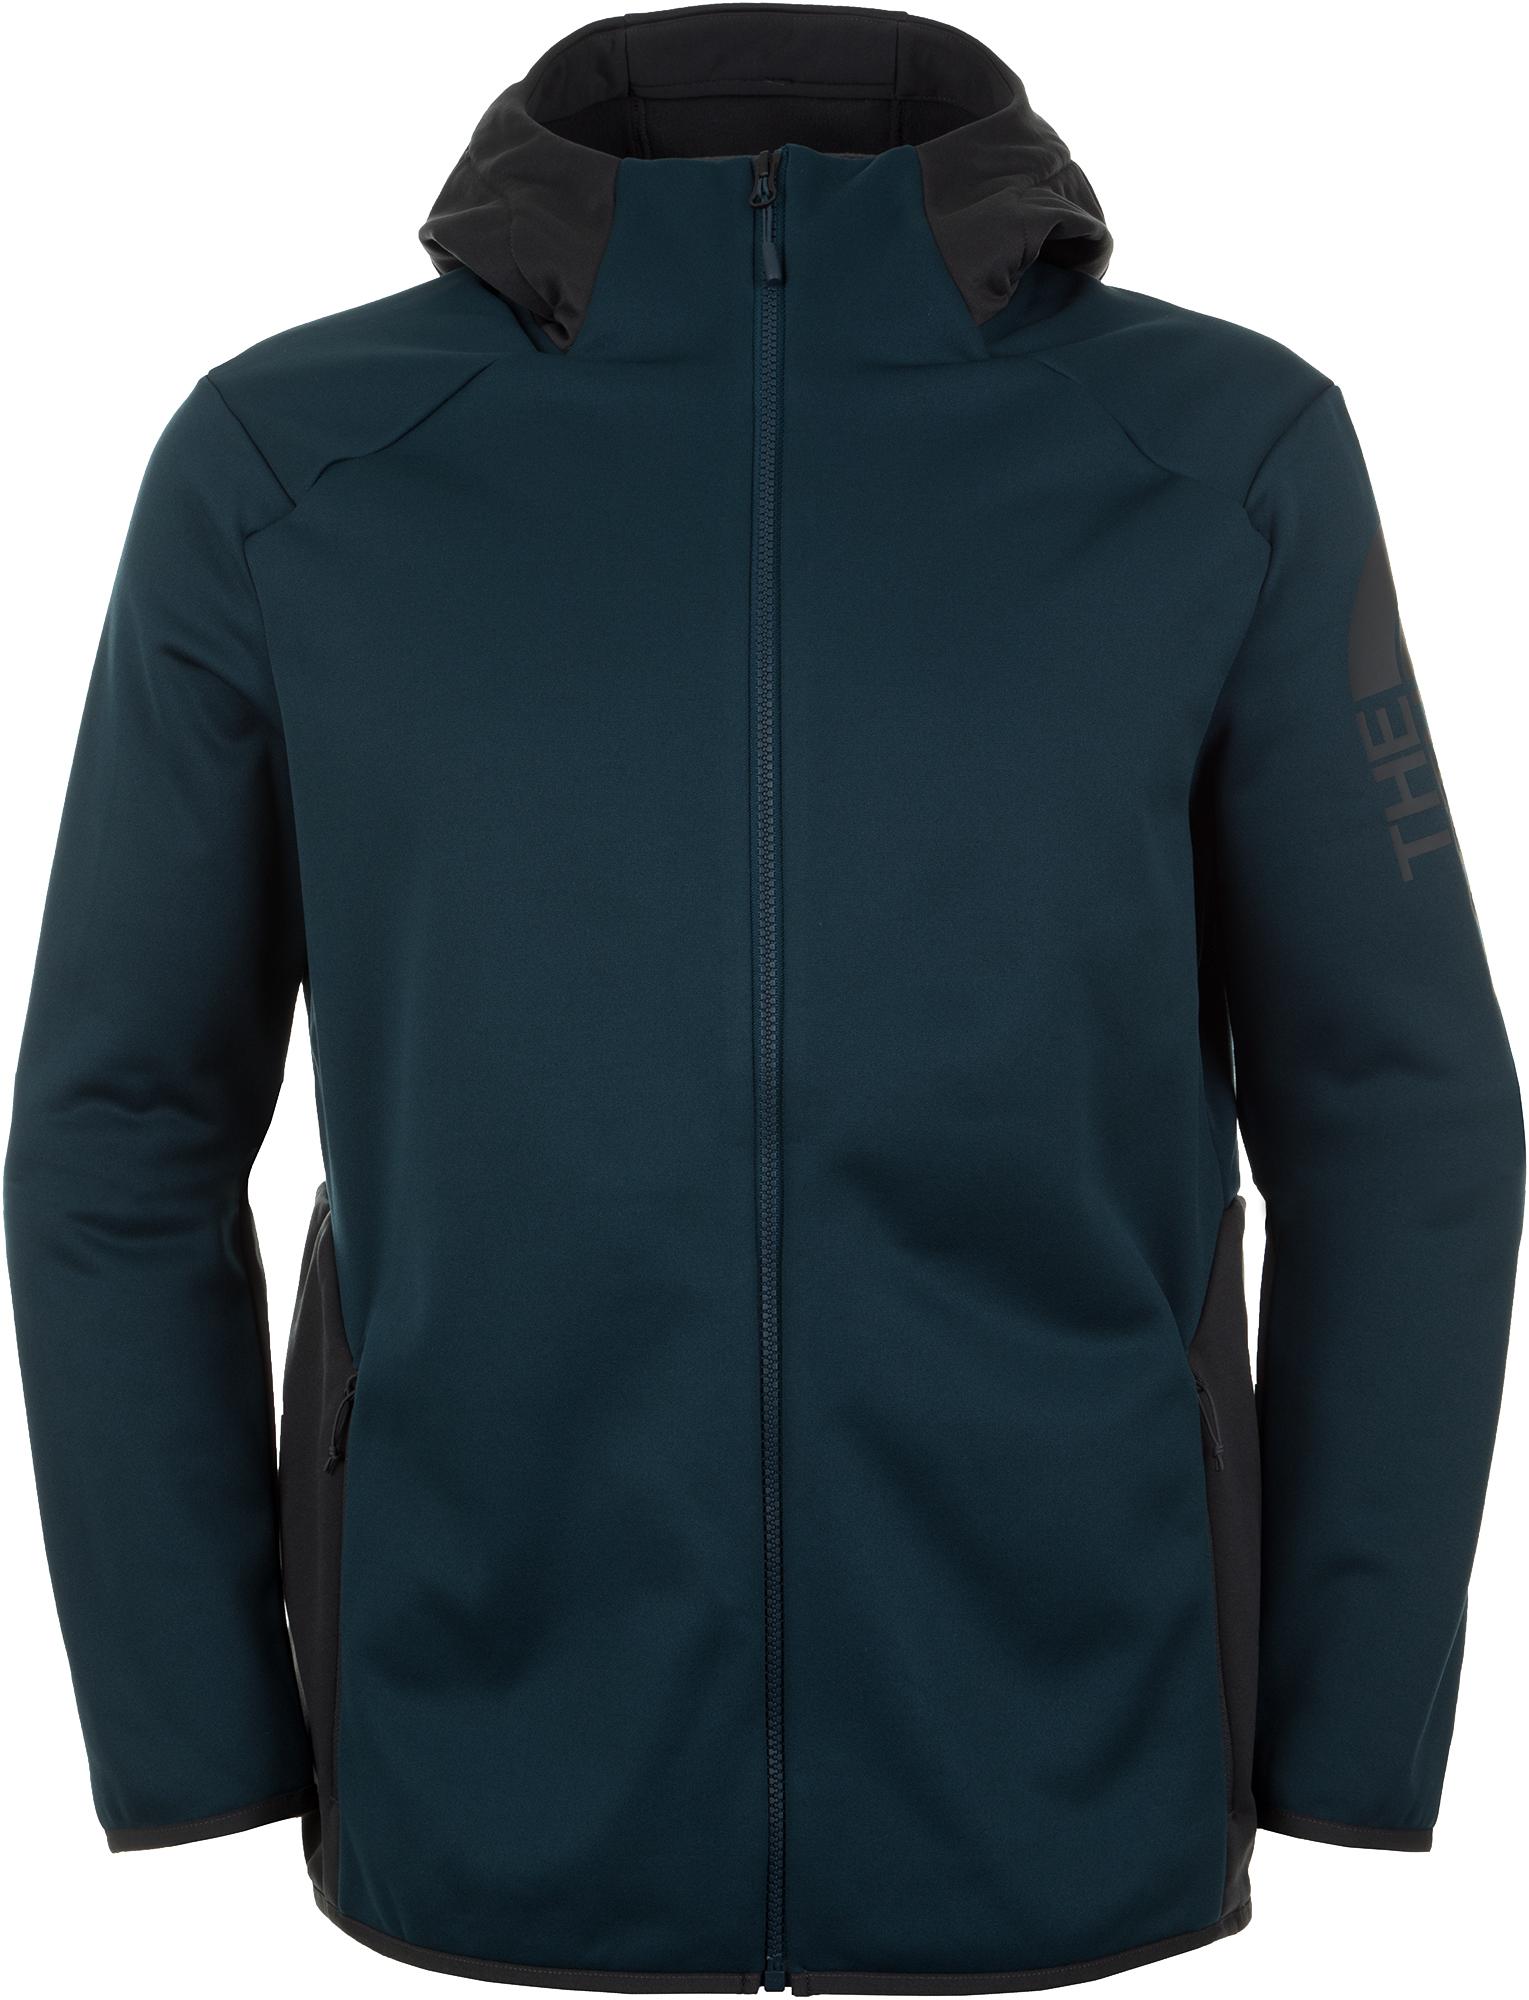 цена The North Face Джемпер флисовый мужской The North Face Merak, размер 52 онлайн в 2017 году